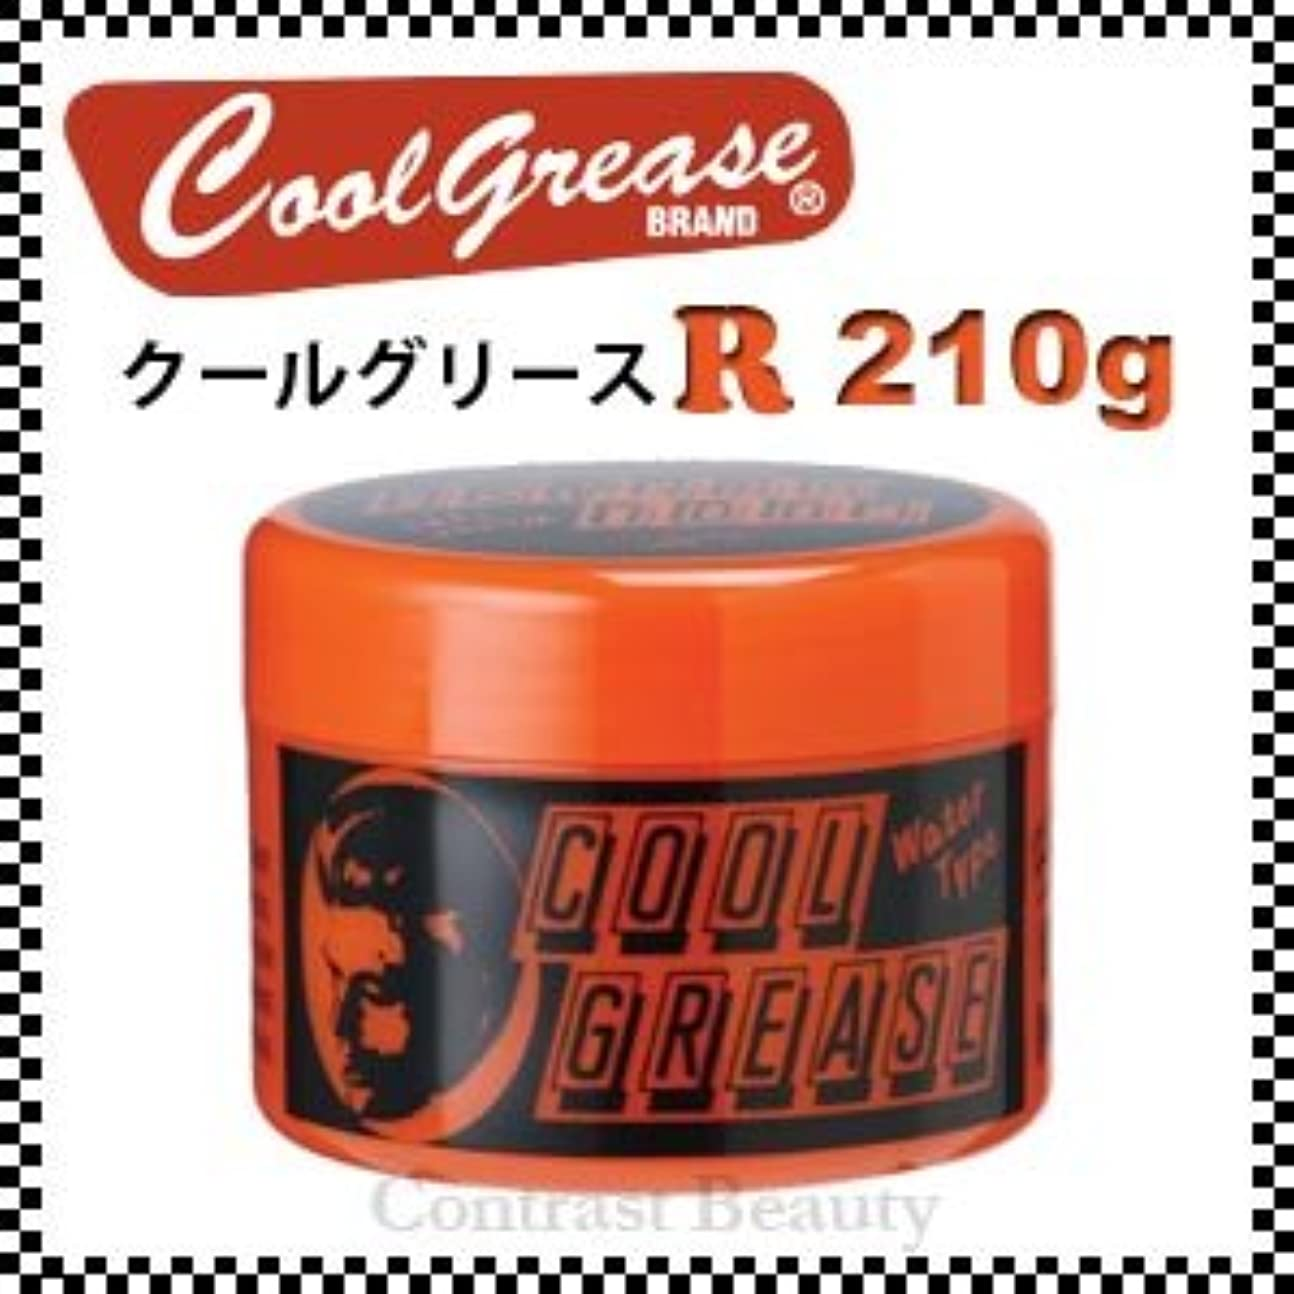 インスタントネット経営者【X3個セット】 阪本高生堂 クールグリース R 210g